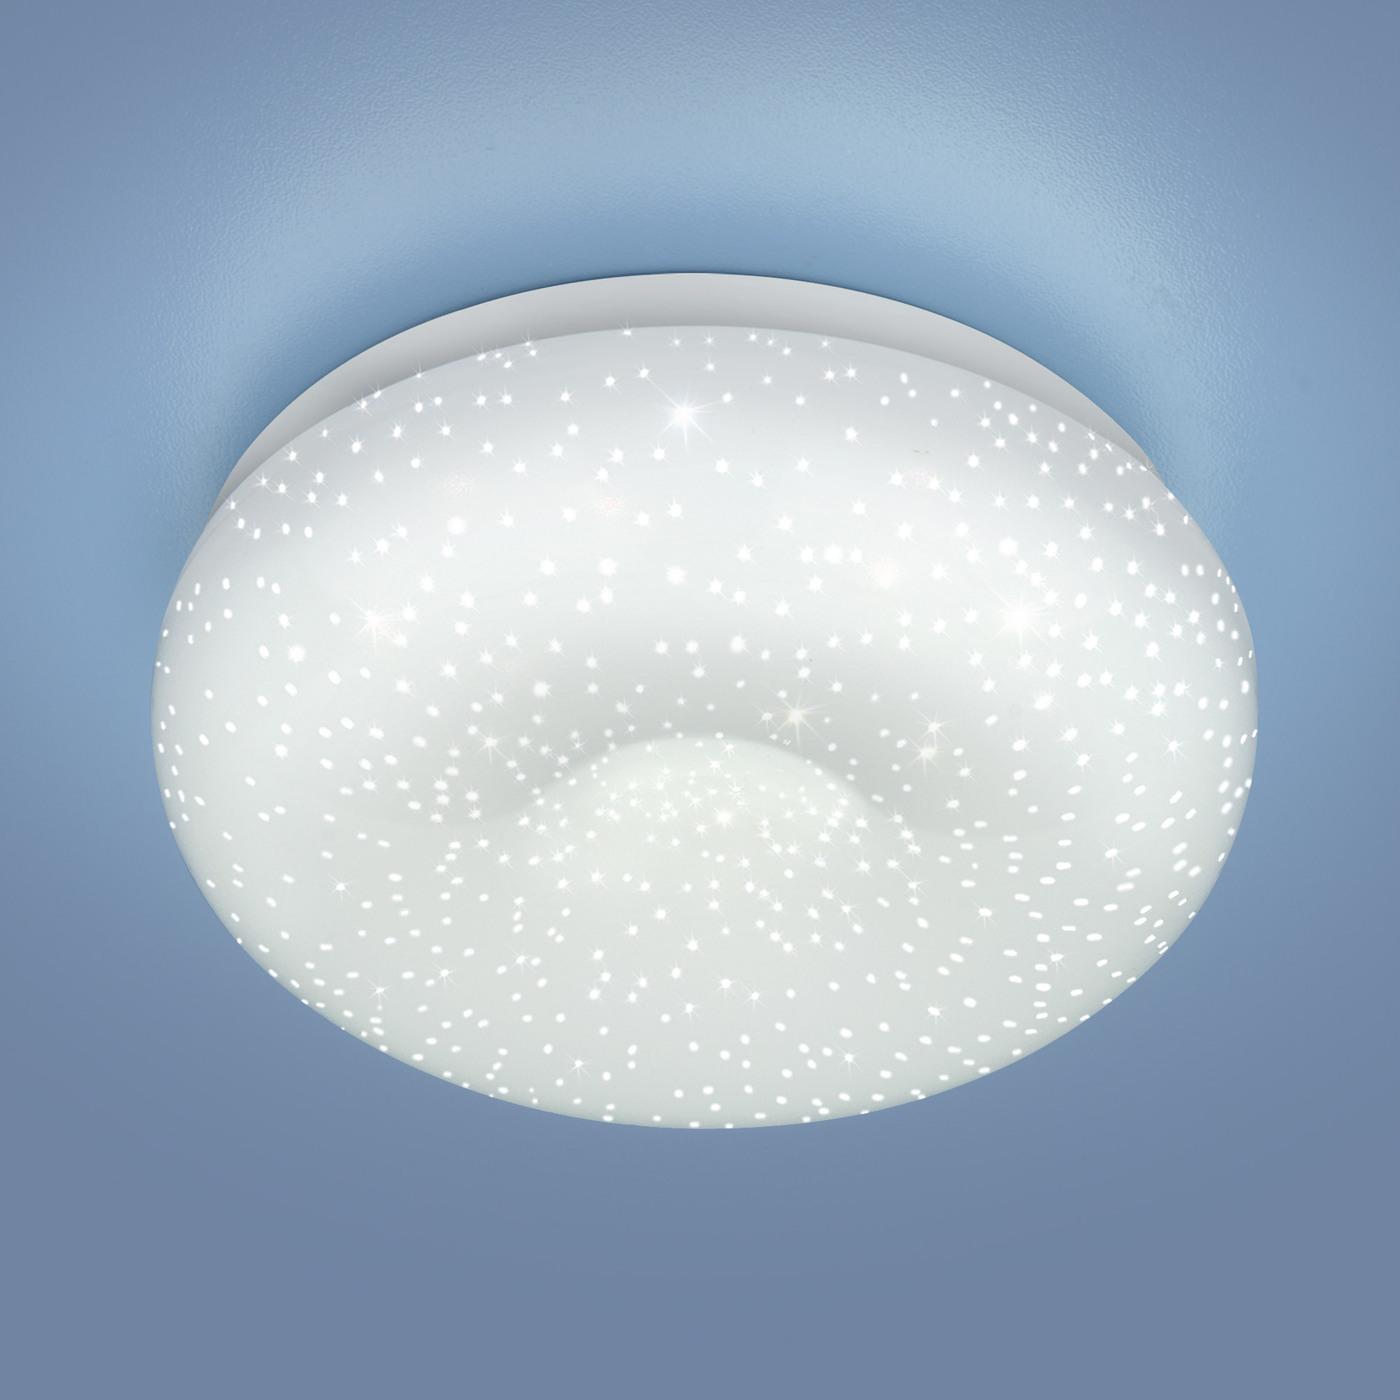 Встраиваемый светильник Elektrostandard потолочный светодиодный 9910 LED 8W WH недорго, оригинальная цена